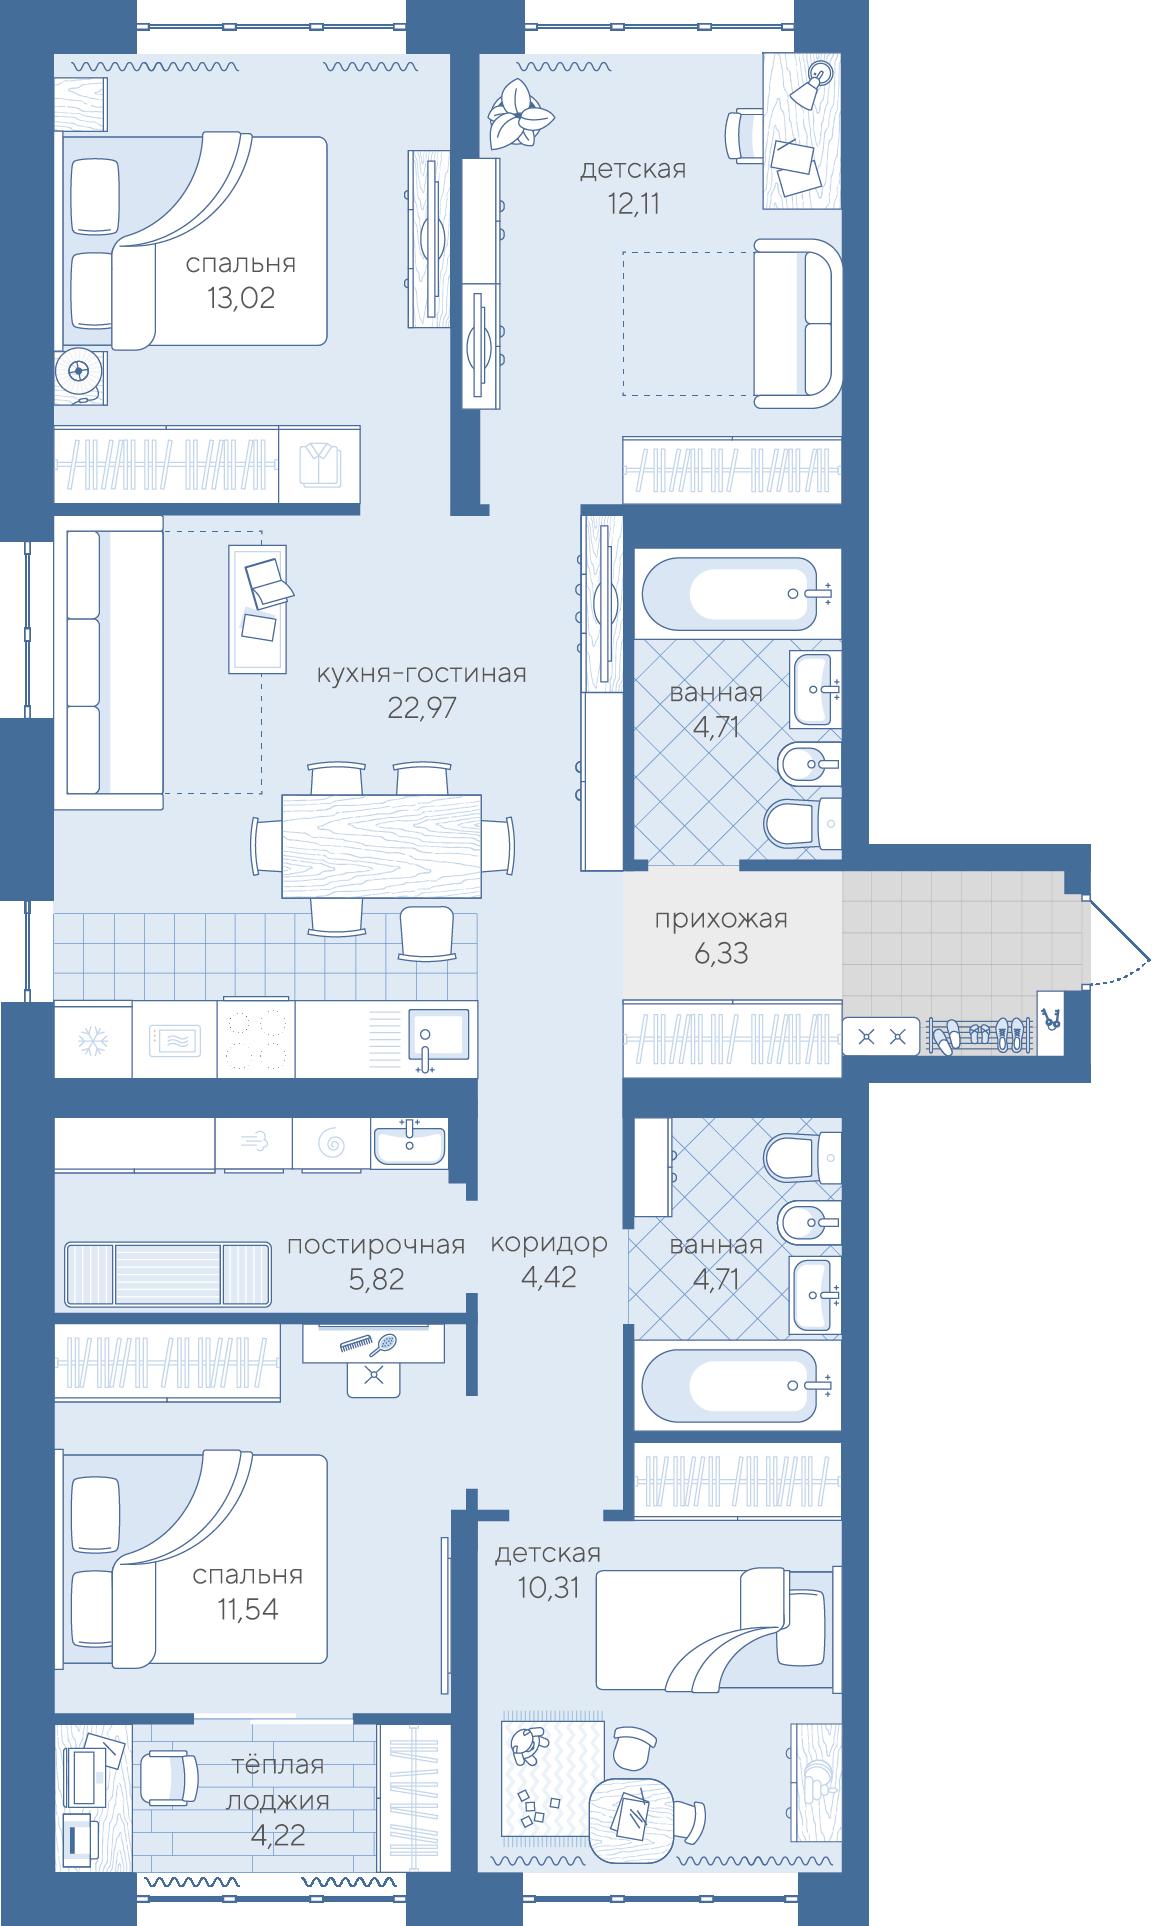 4 комнатная квартира  в районе Дом Обороны (Док), ул. Краснооктябрьская, 14, ЖК «Скандиа - квартал у реки», г. Тюмень